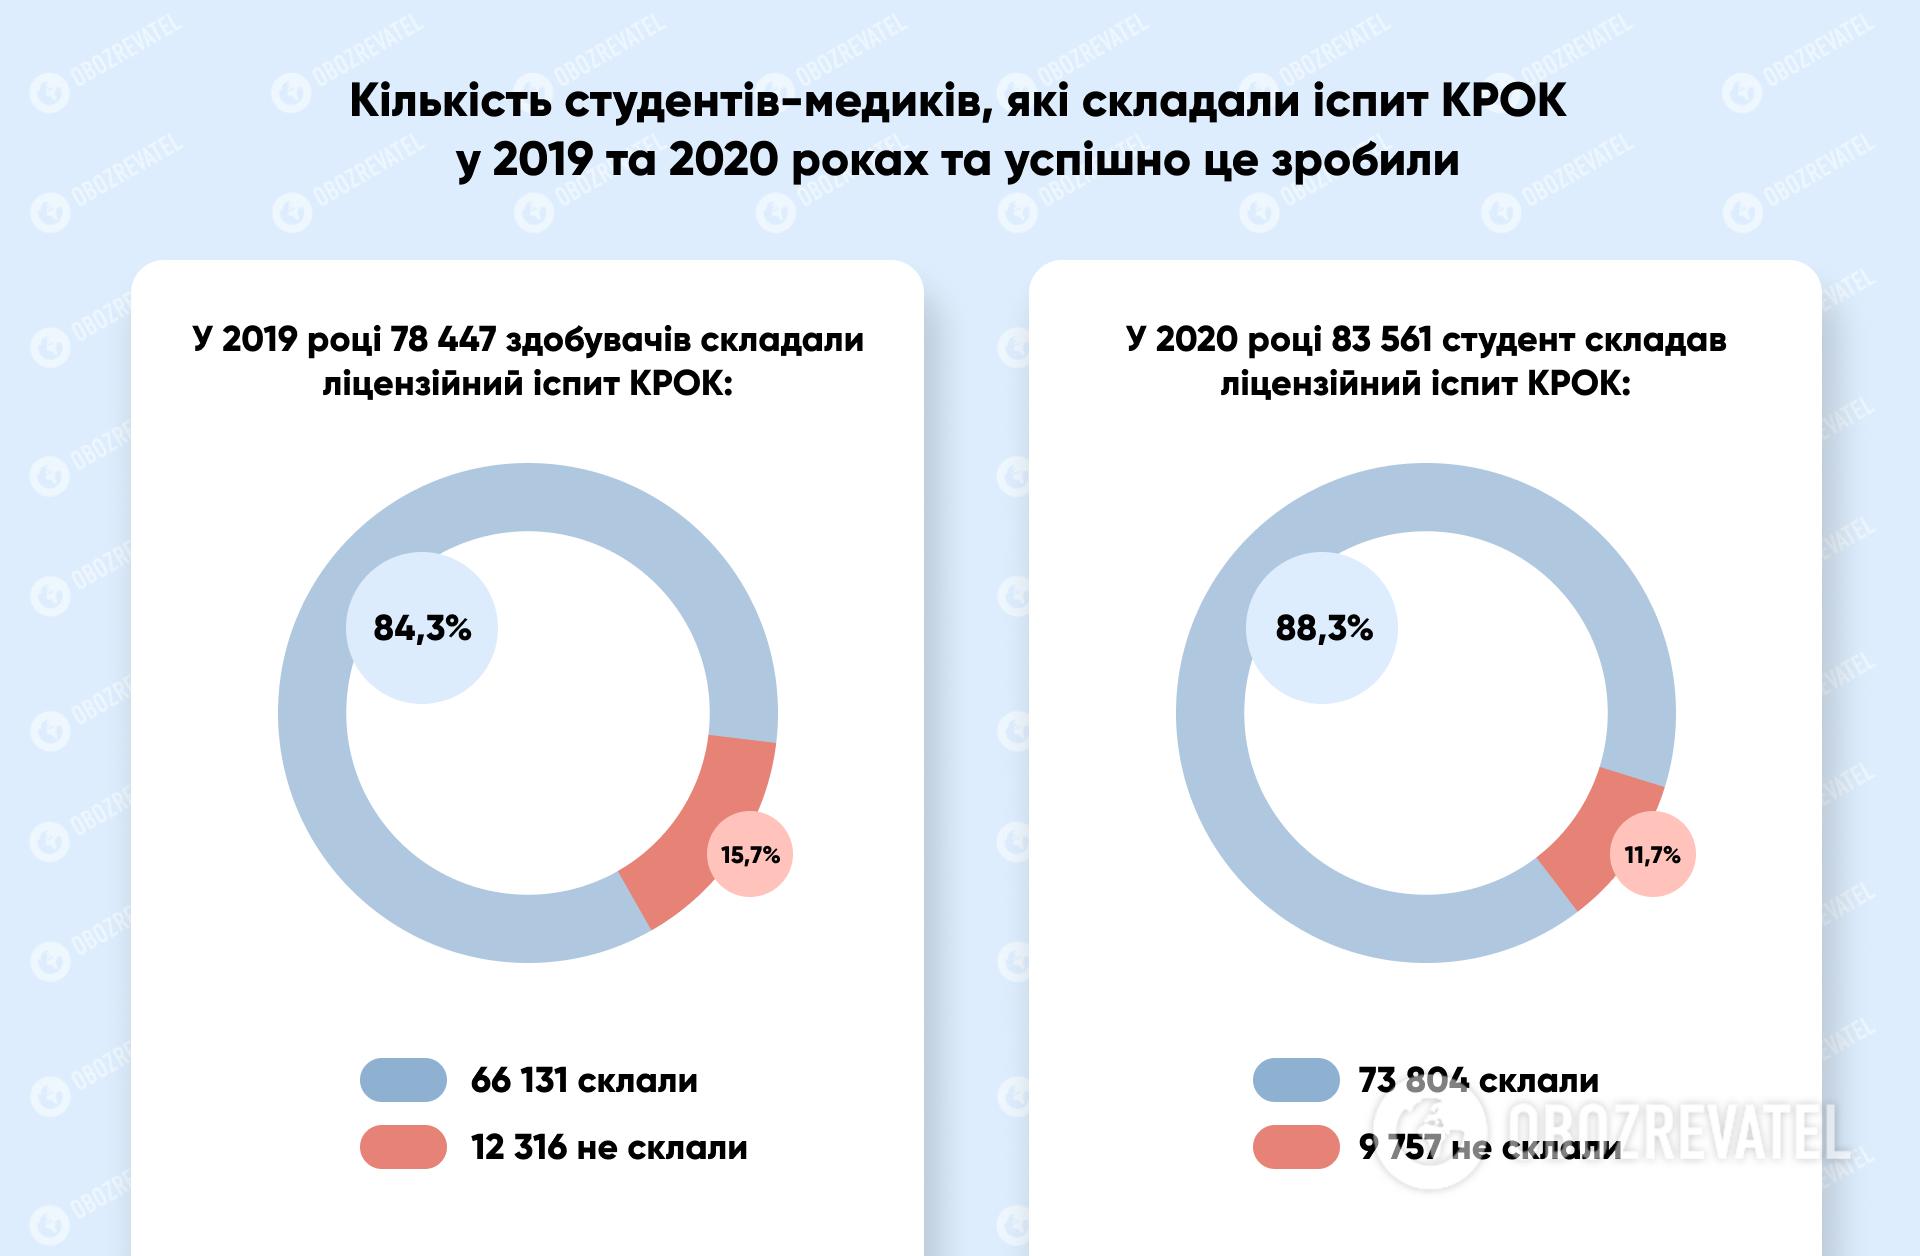 Результати складання іспитів 2019 р 2020 р